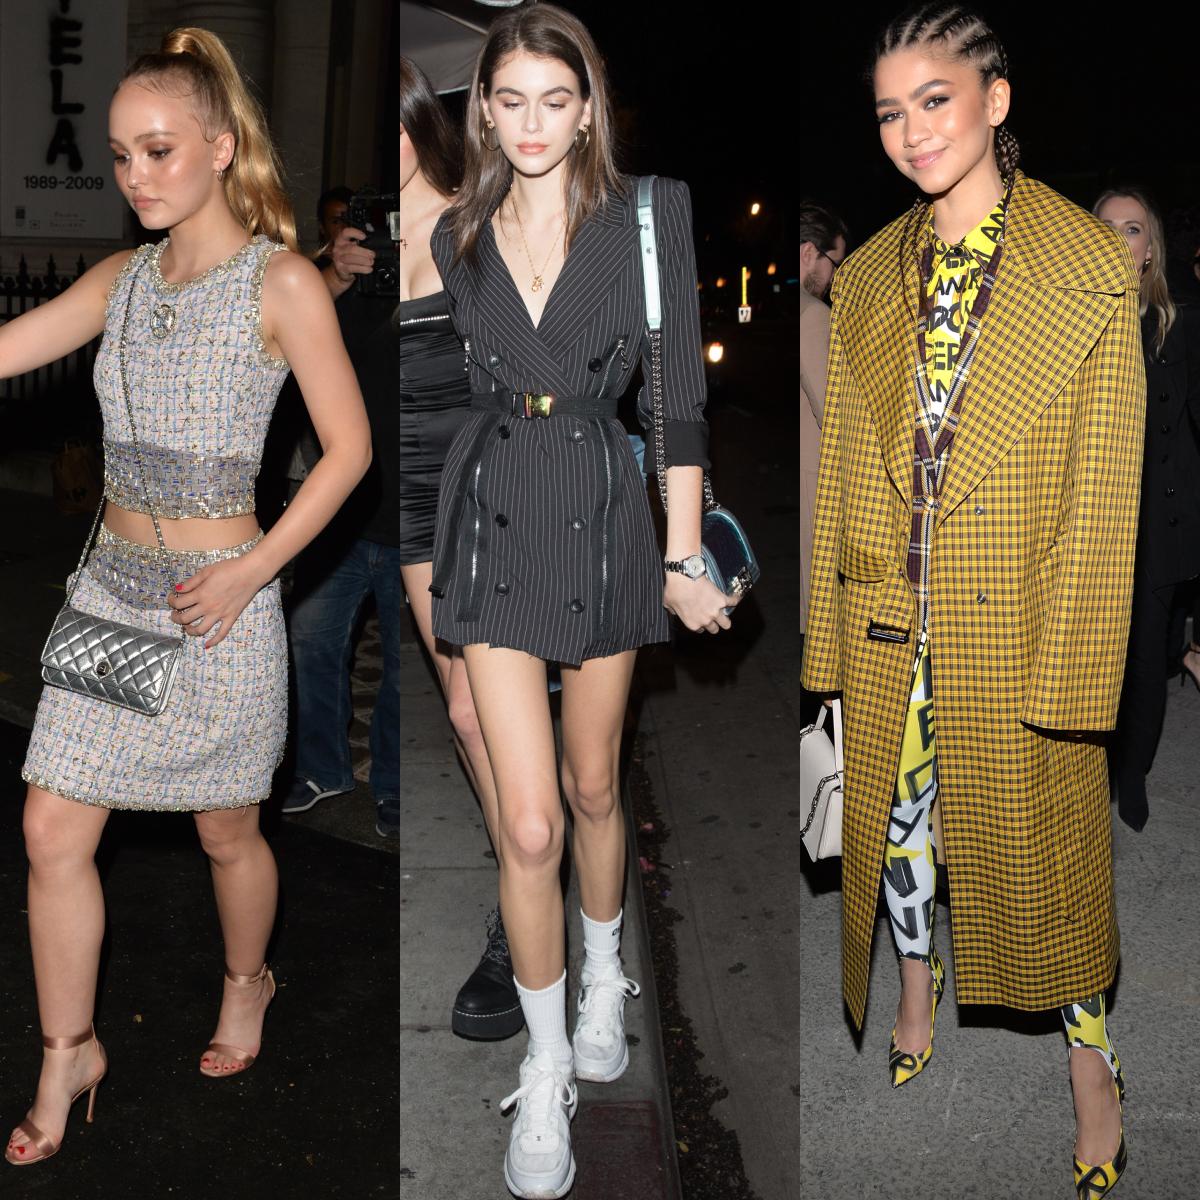 225f185eaac トレンドを生み出すファッションデザイナーを筆頭に、多くの人々を惹きつけるミレニアルズ世代のセレブ。アクティブで新たな価値観を生み出すパワフルな若さと  ...